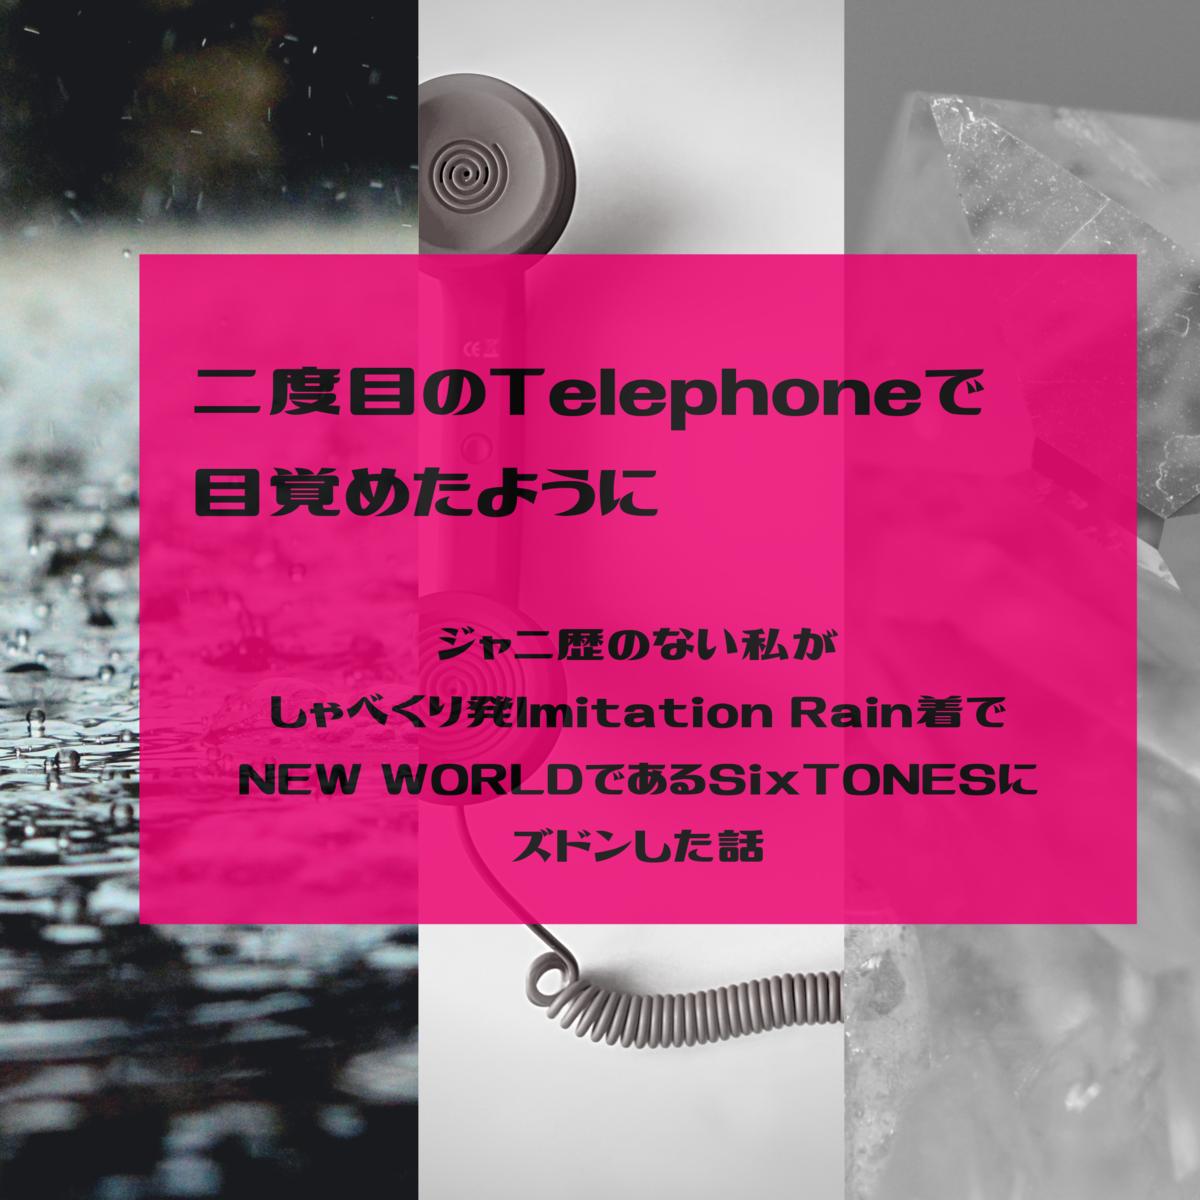 f:id:tsukino25:20200129174620p:plain